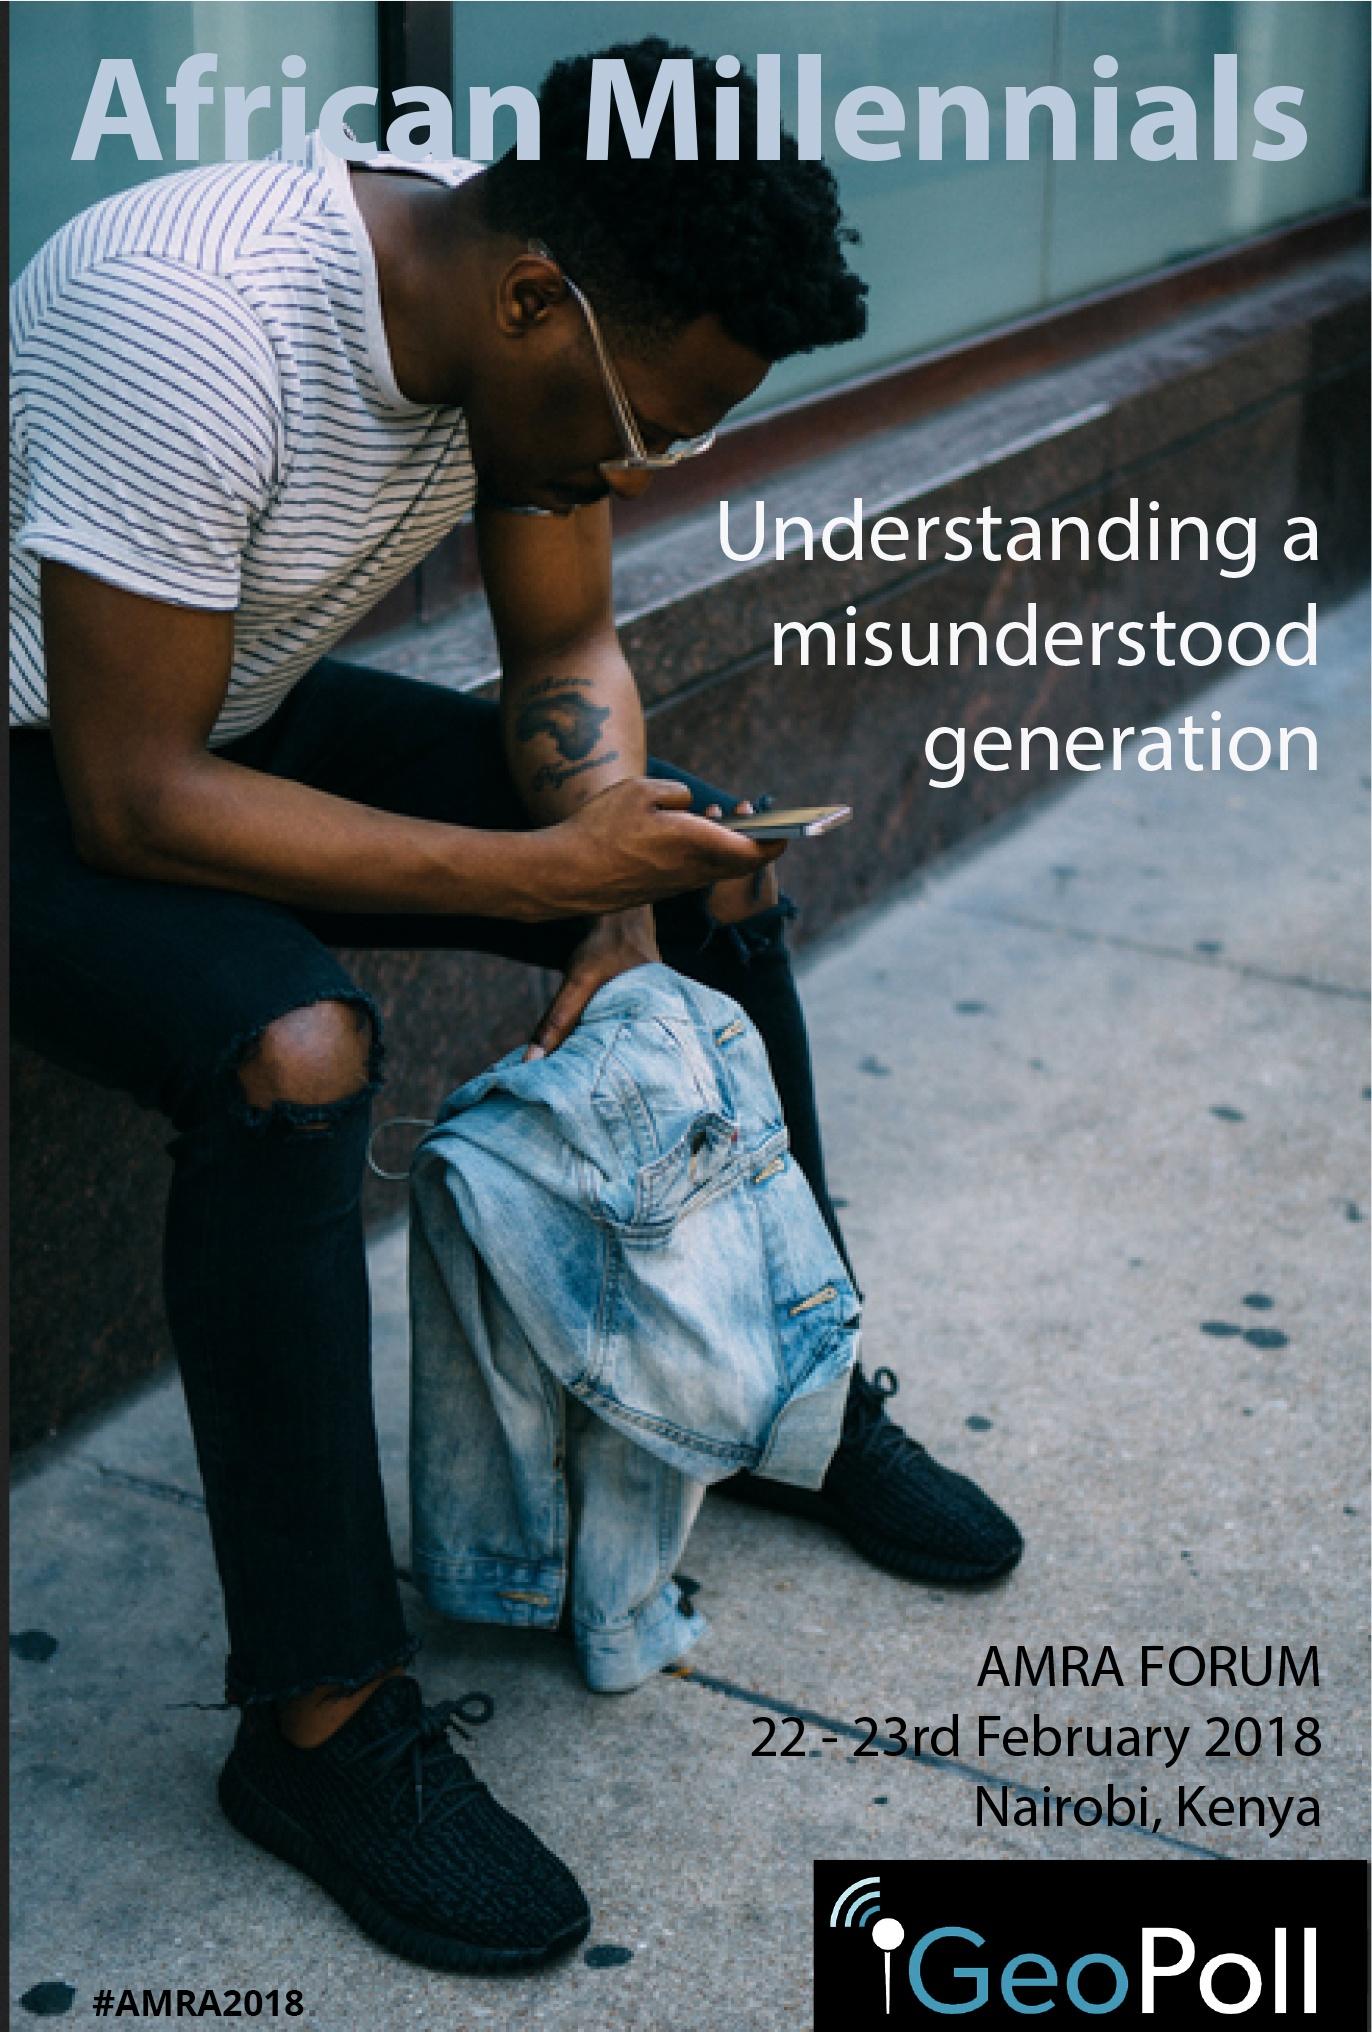 African Millennials AMRA poster.jpg